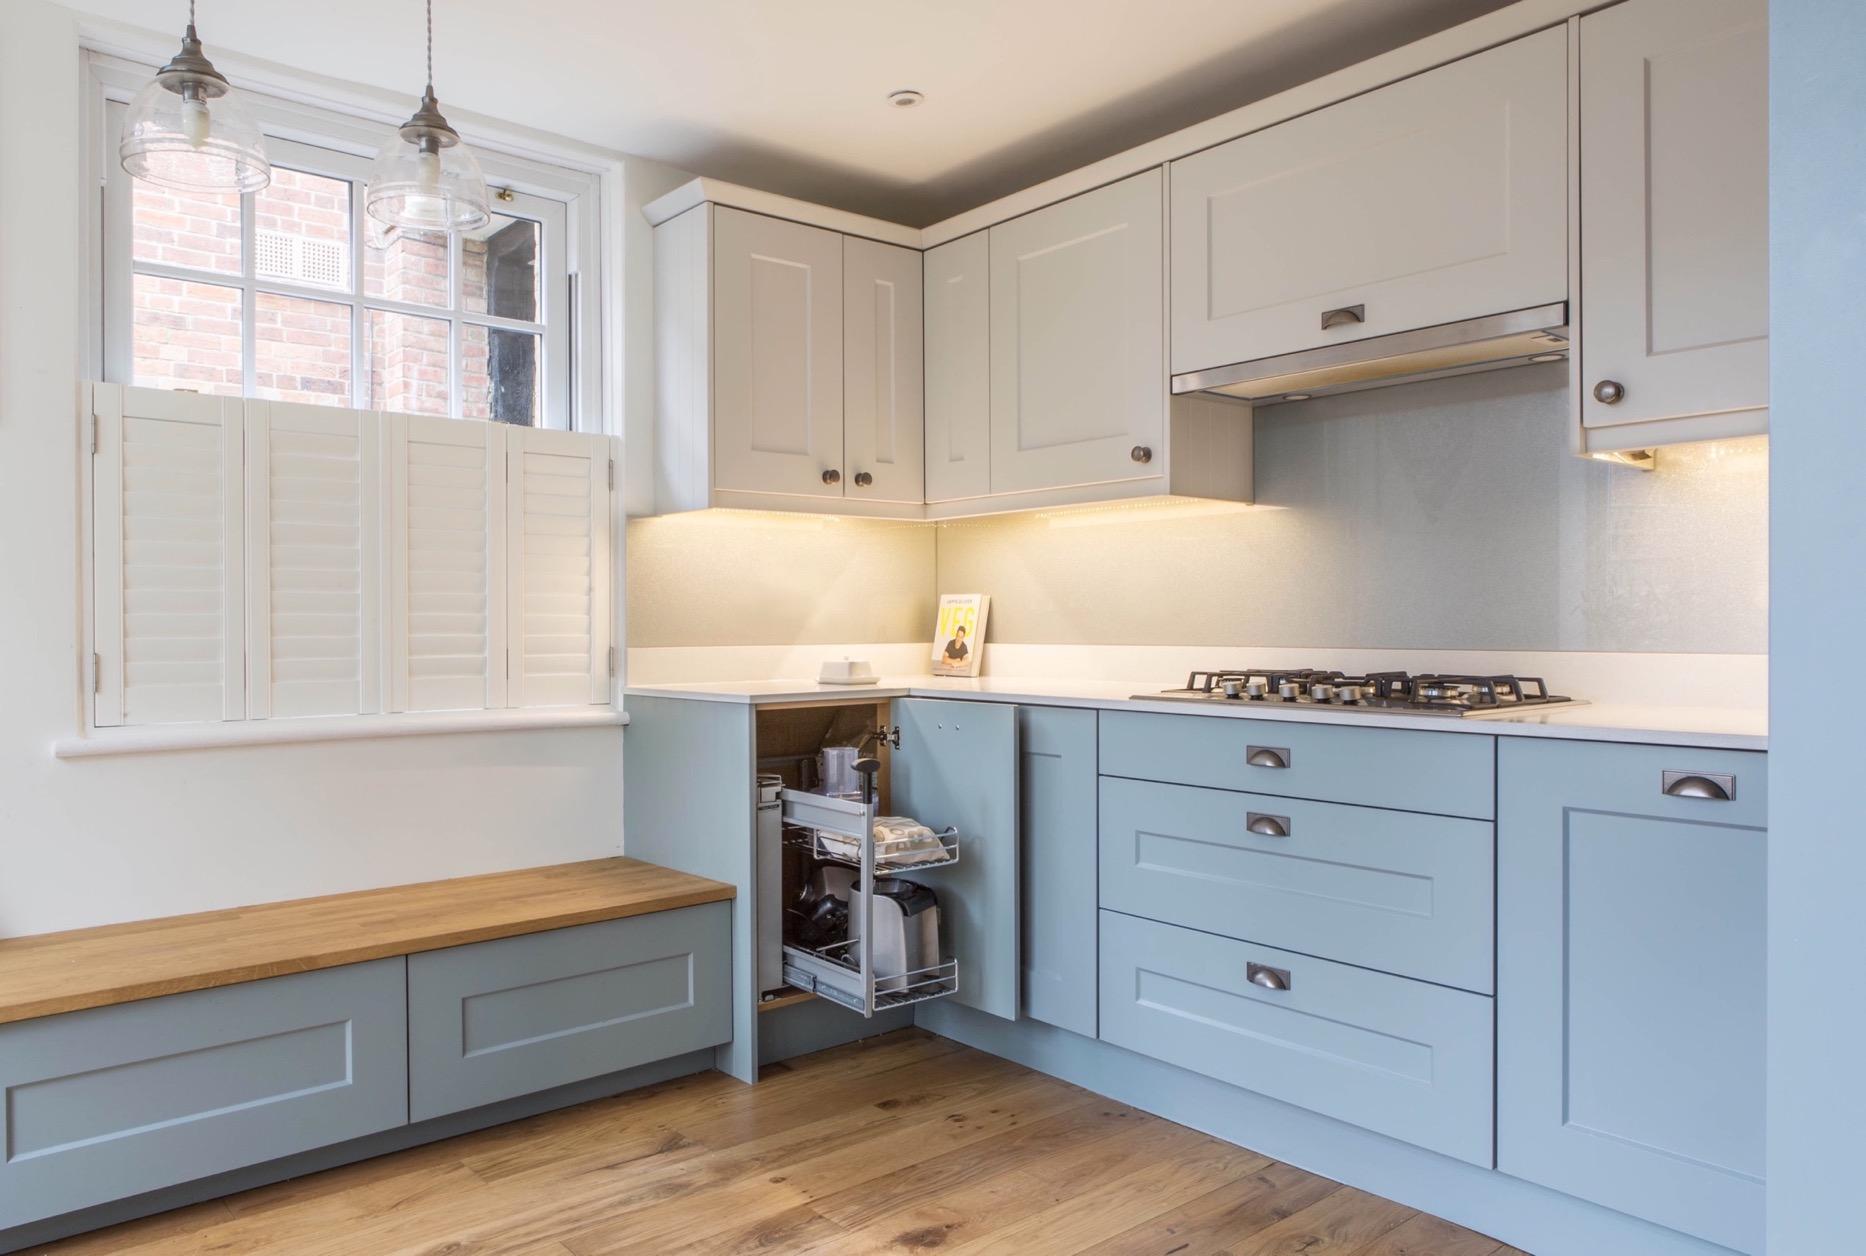 clever kitchen corner storage magic corner thame bespoke kitchen design oxfordshire 1